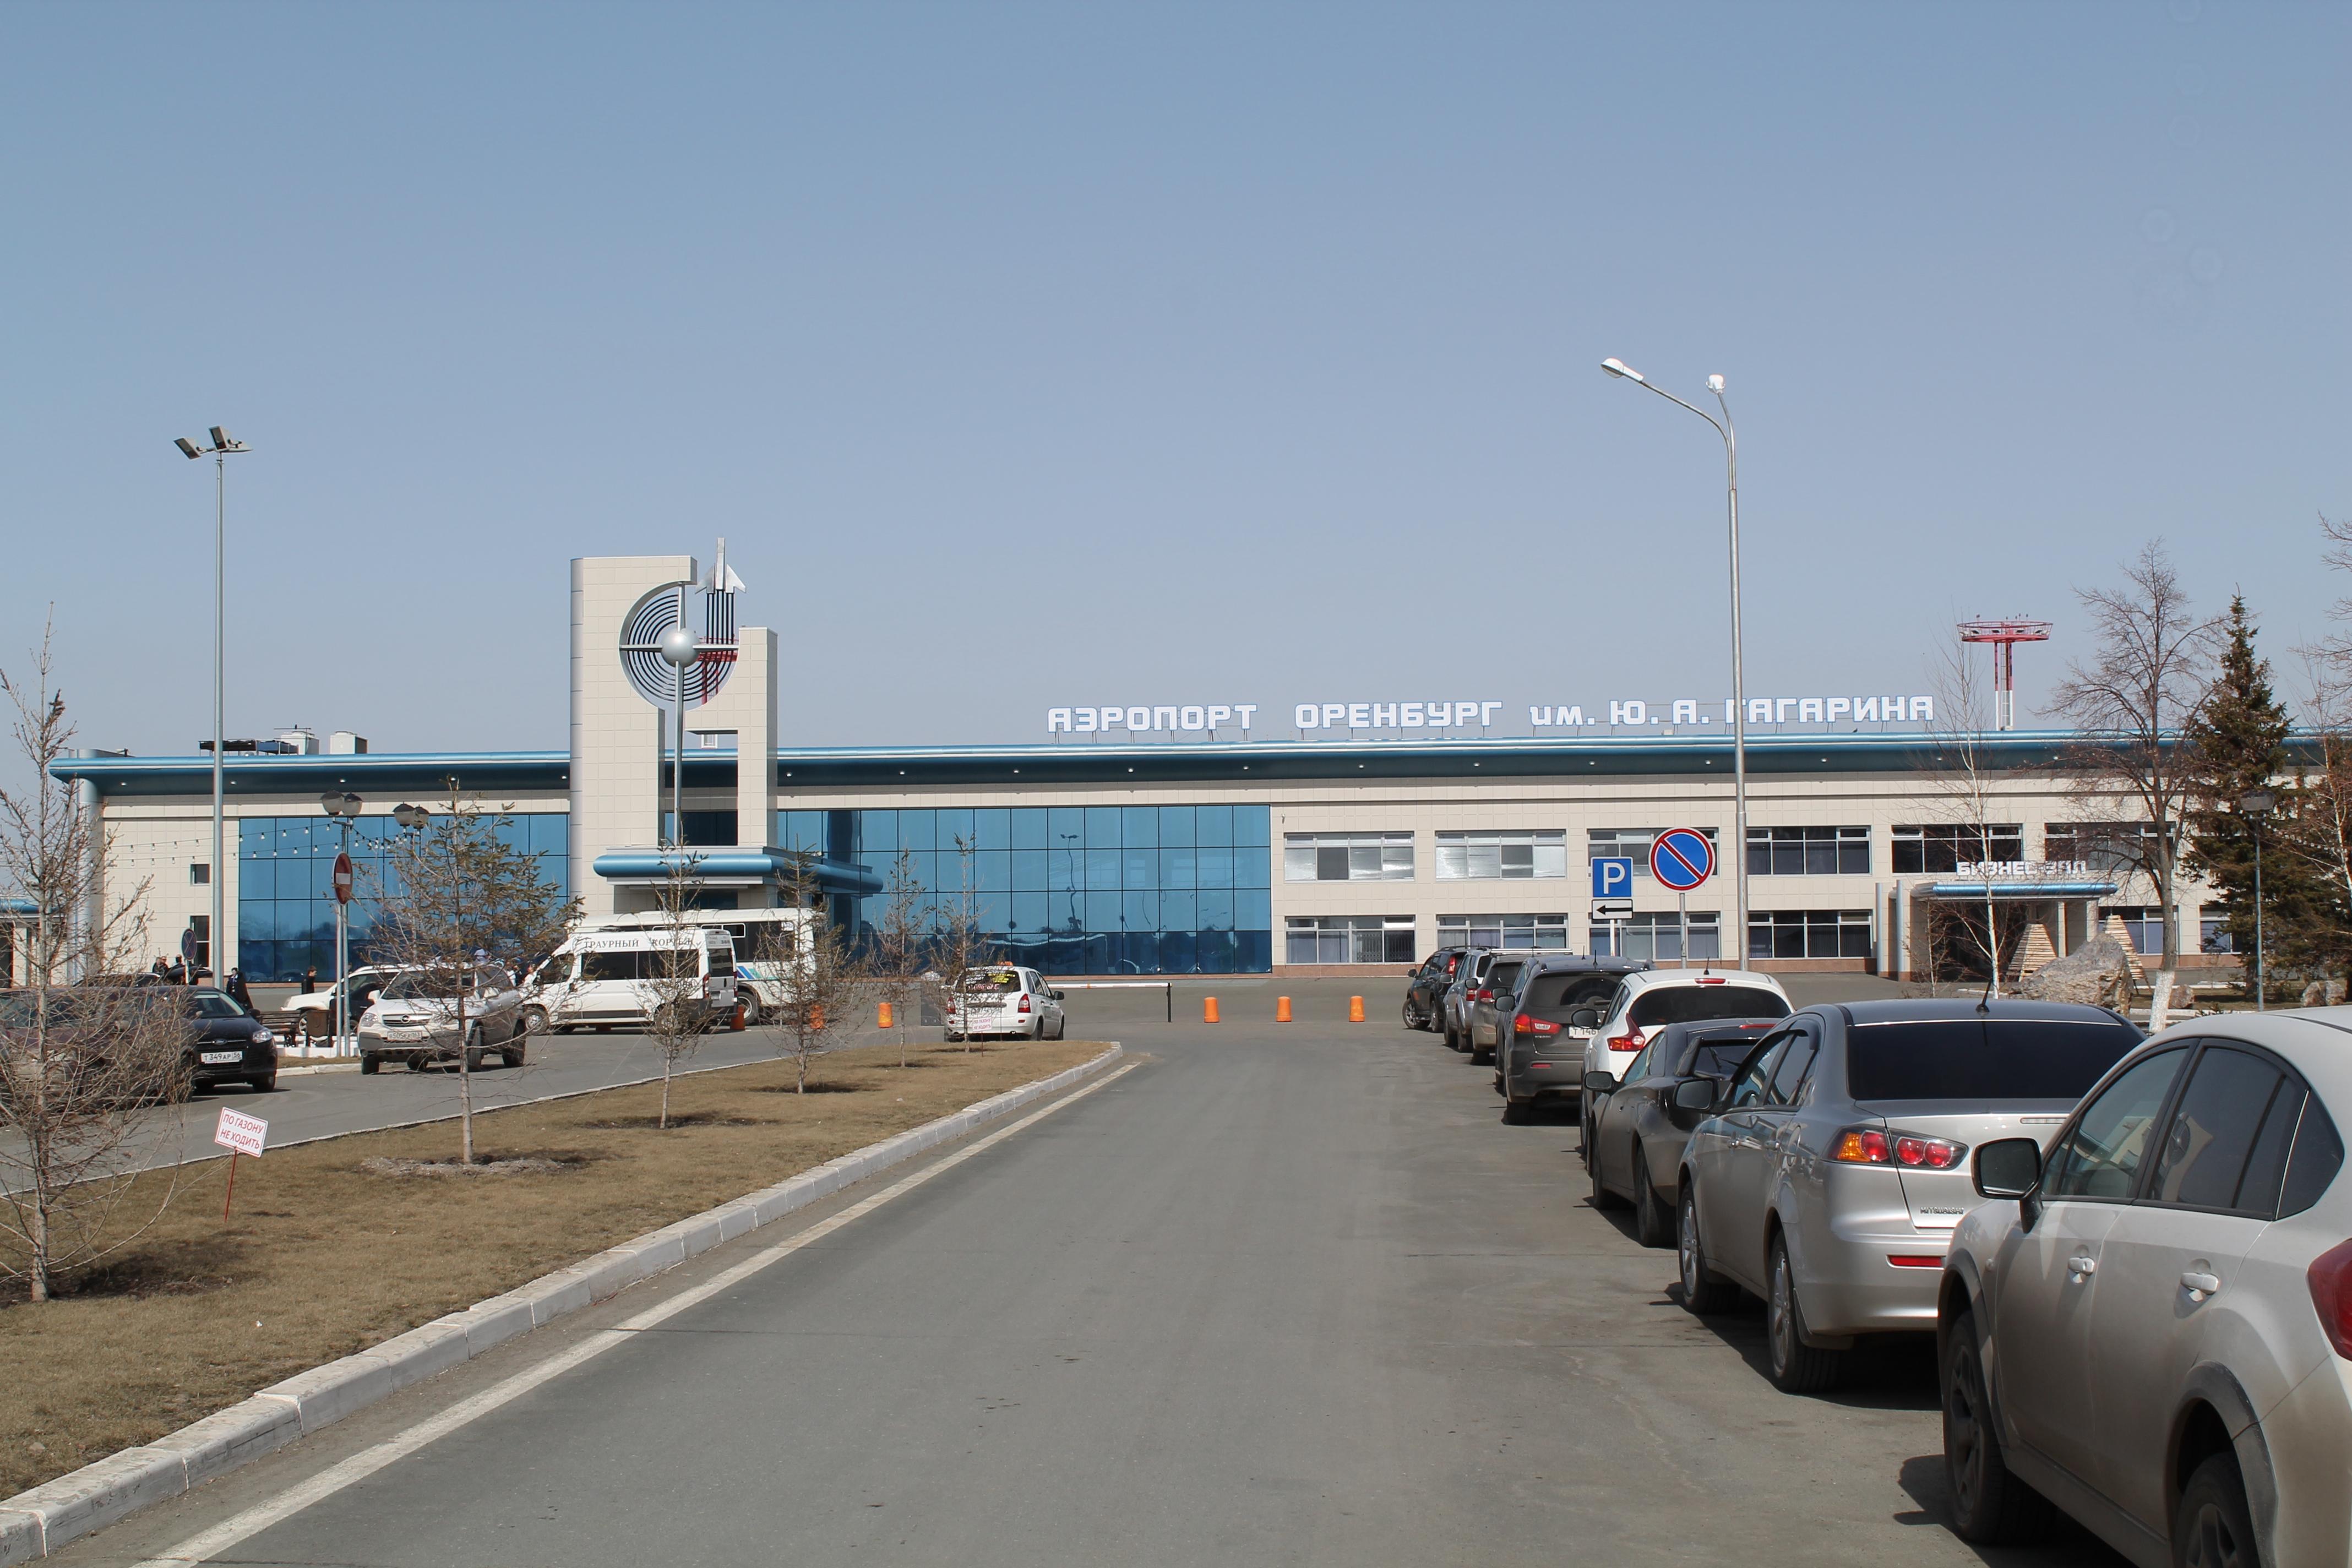 Аэропорт г. Орегбург